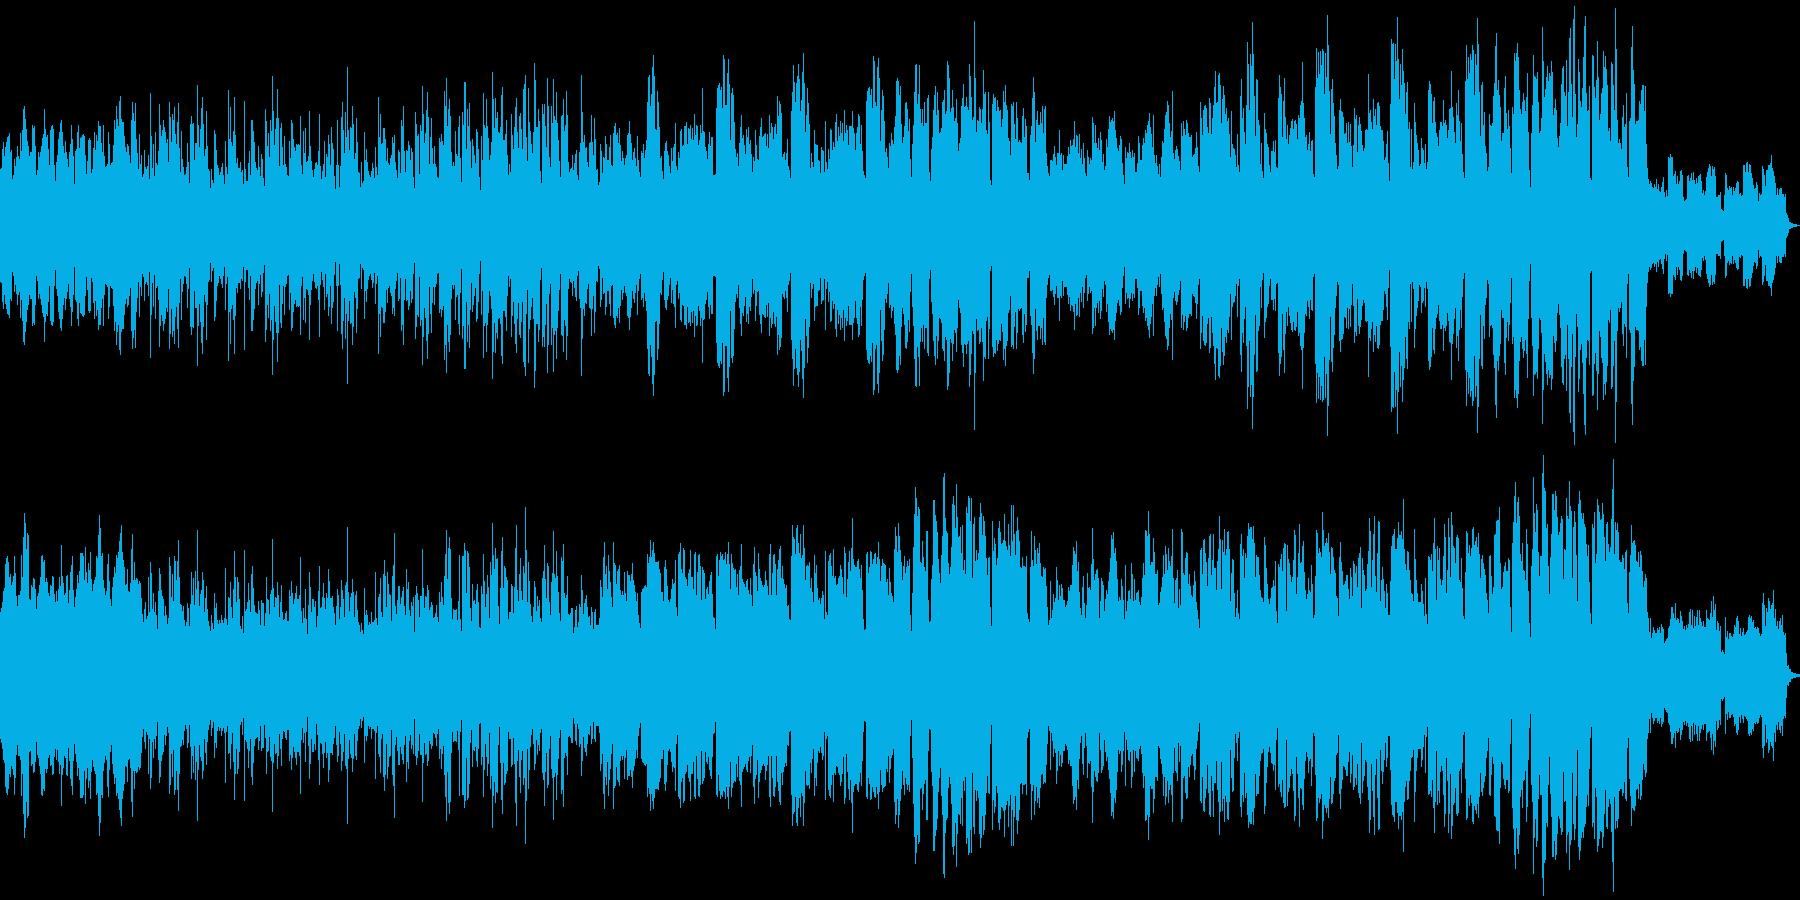 弾むリズムで前向き感のあるジャズ風POPの再生済みの波形